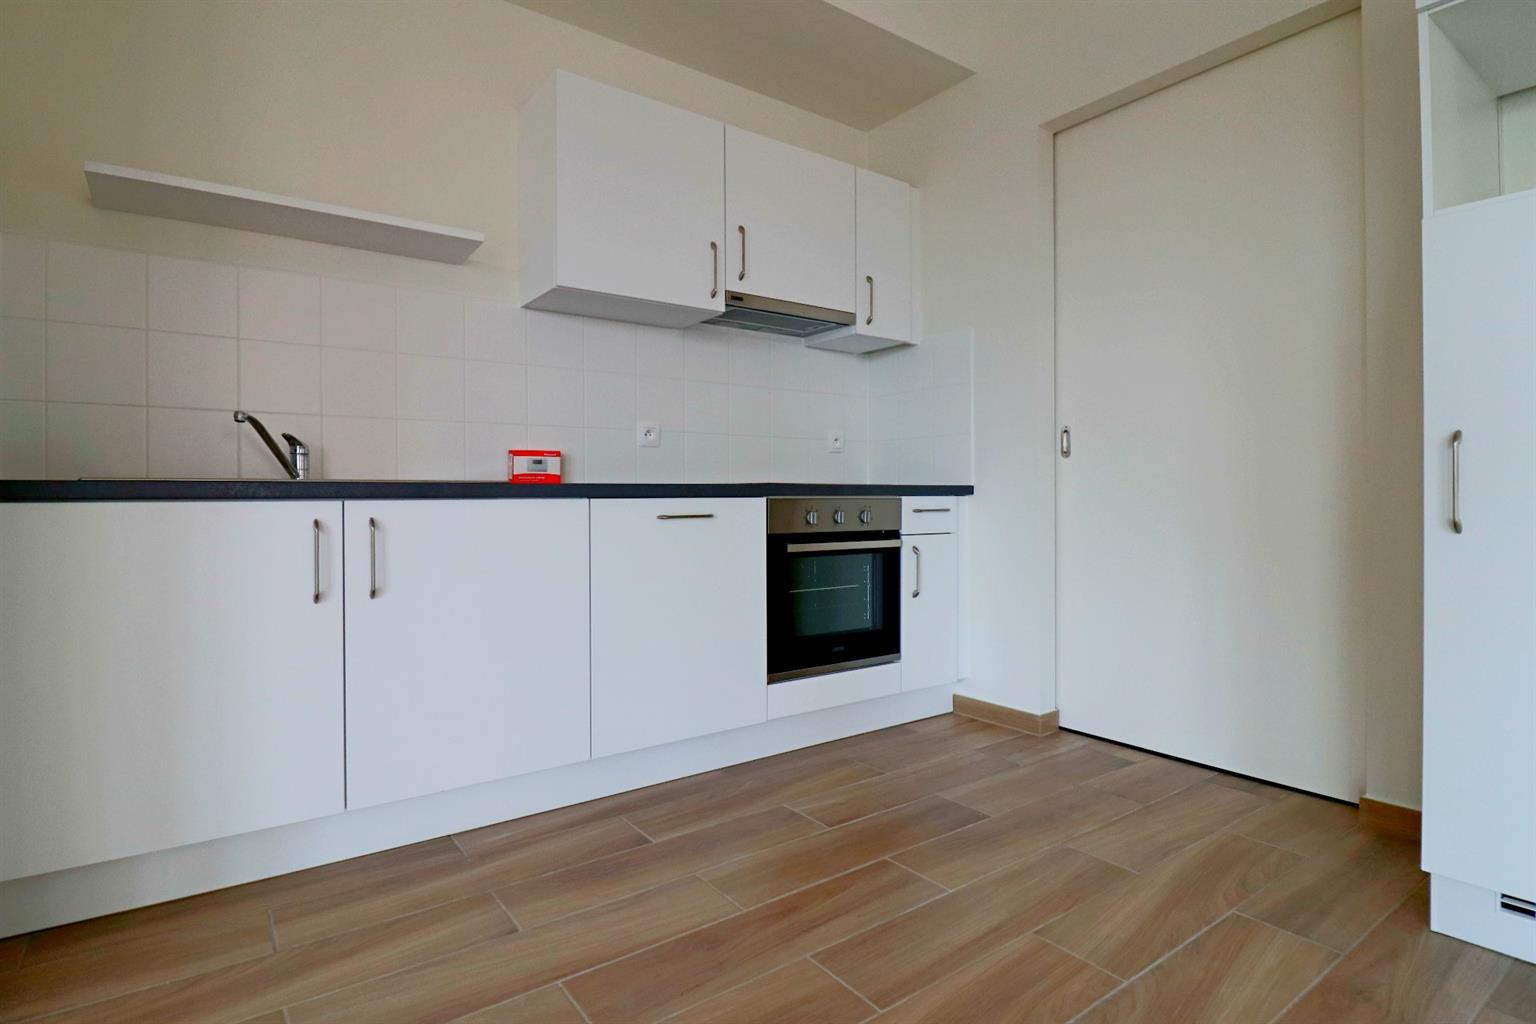 Appartement - Ottignies-Louvain-la-Neuve - #4406827-3